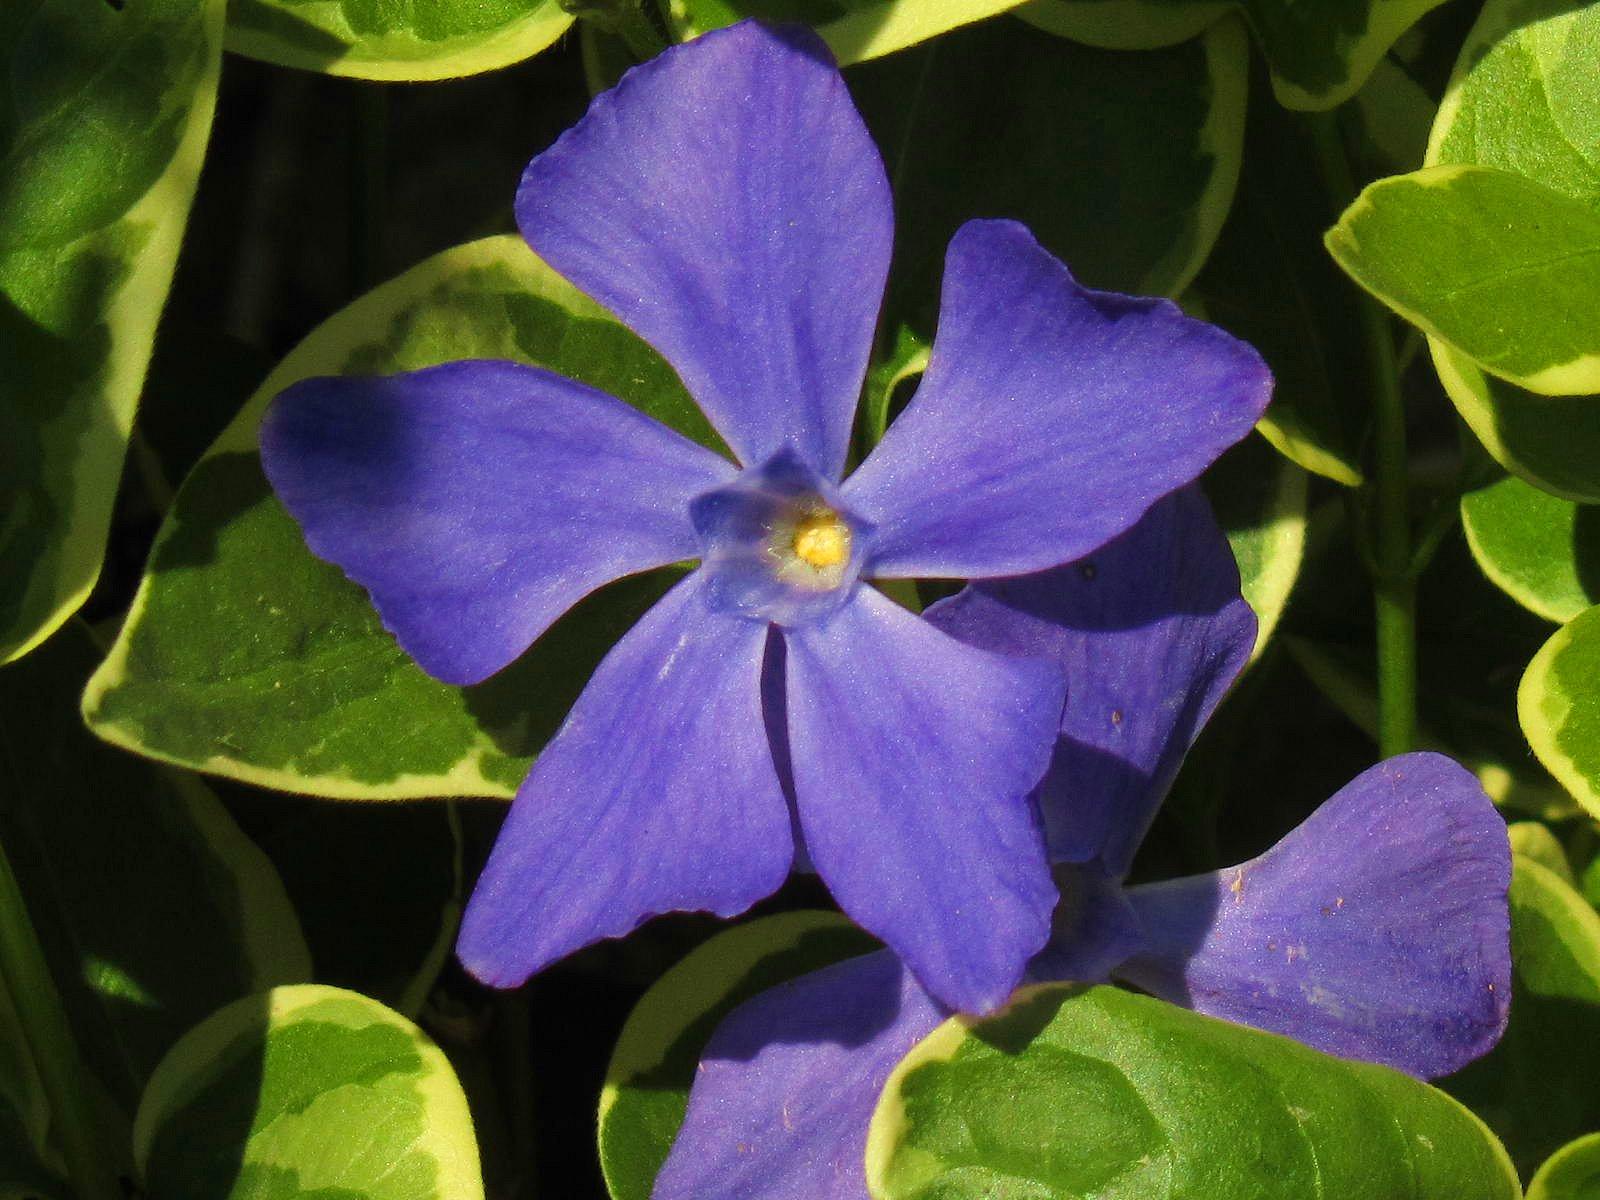 Vinca flowers